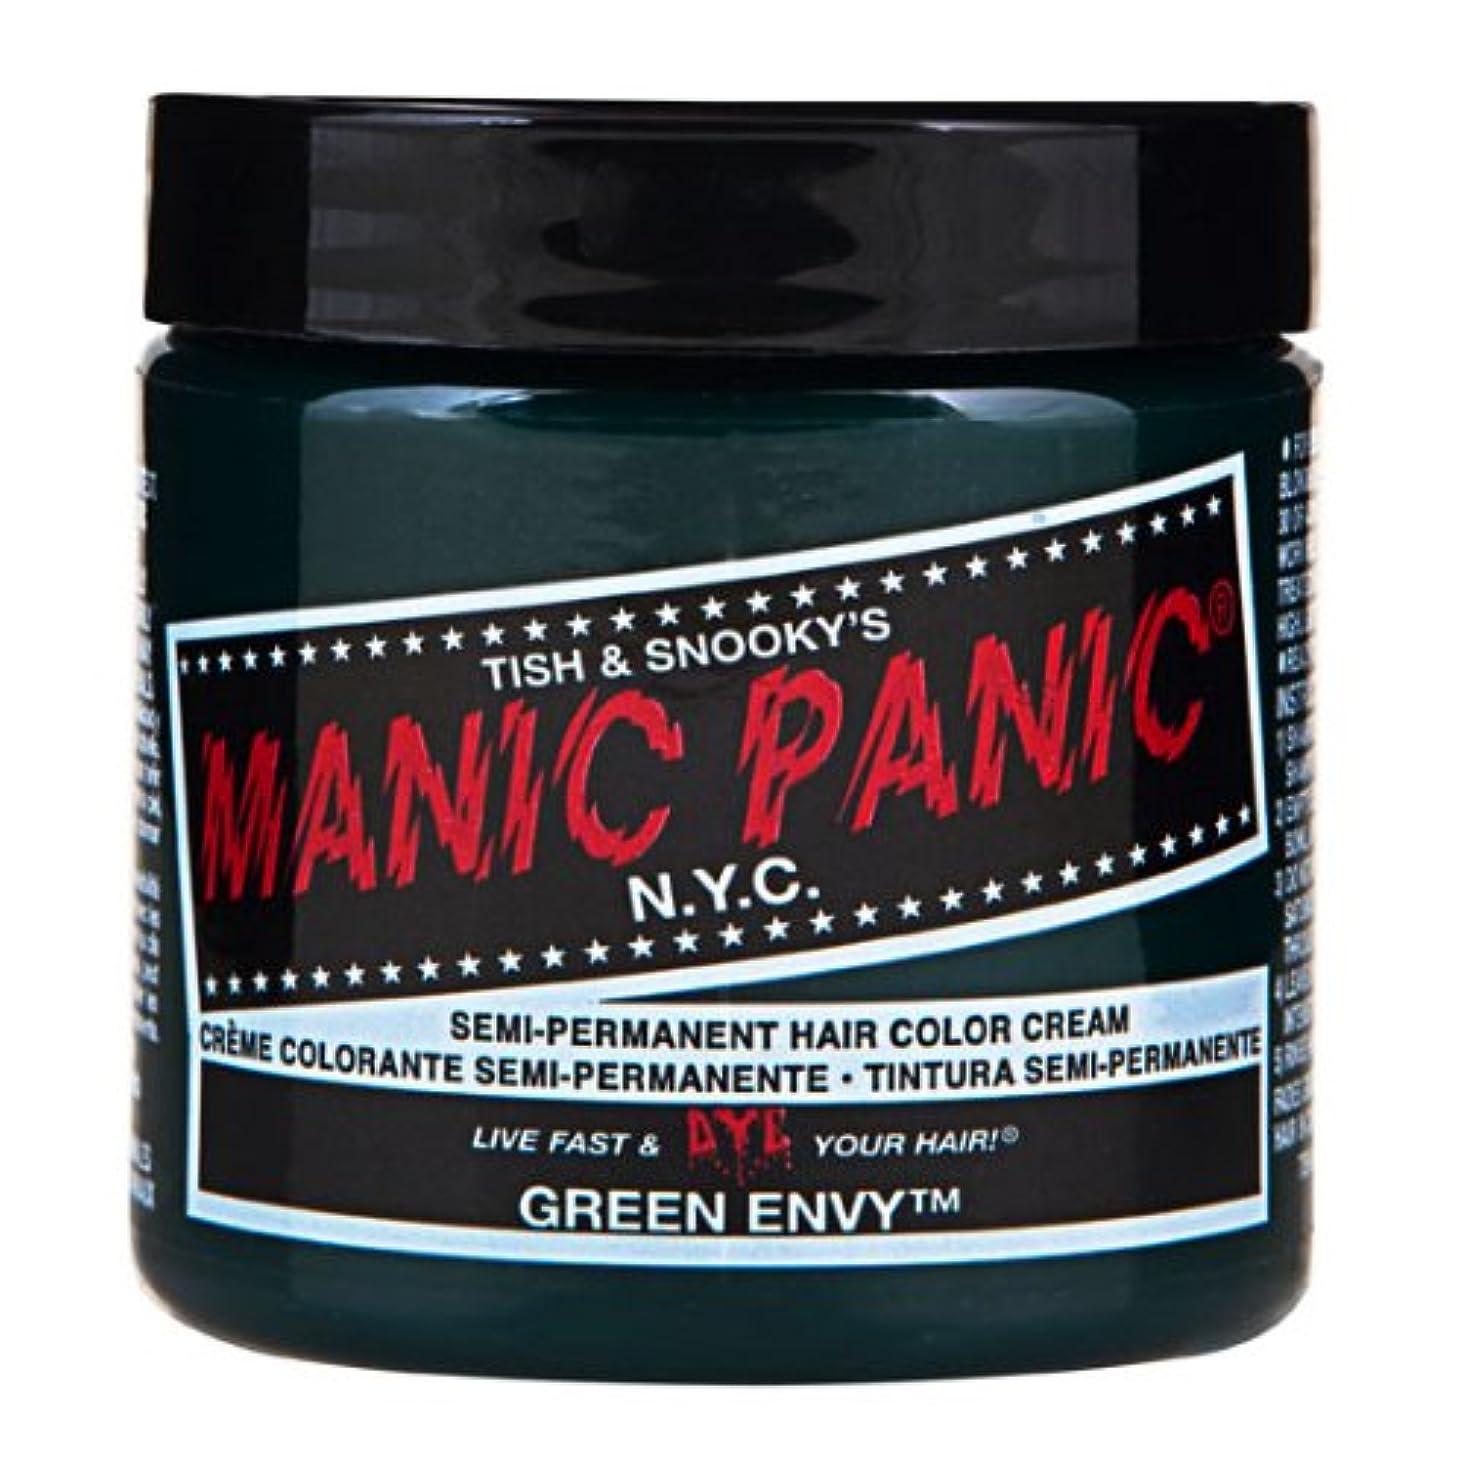 電話をかける報酬突進スペシャルセットMANIC PANICマニックパニック:Green Envy (グリーンエンヴィ)+ヘアカラーケア4点セット